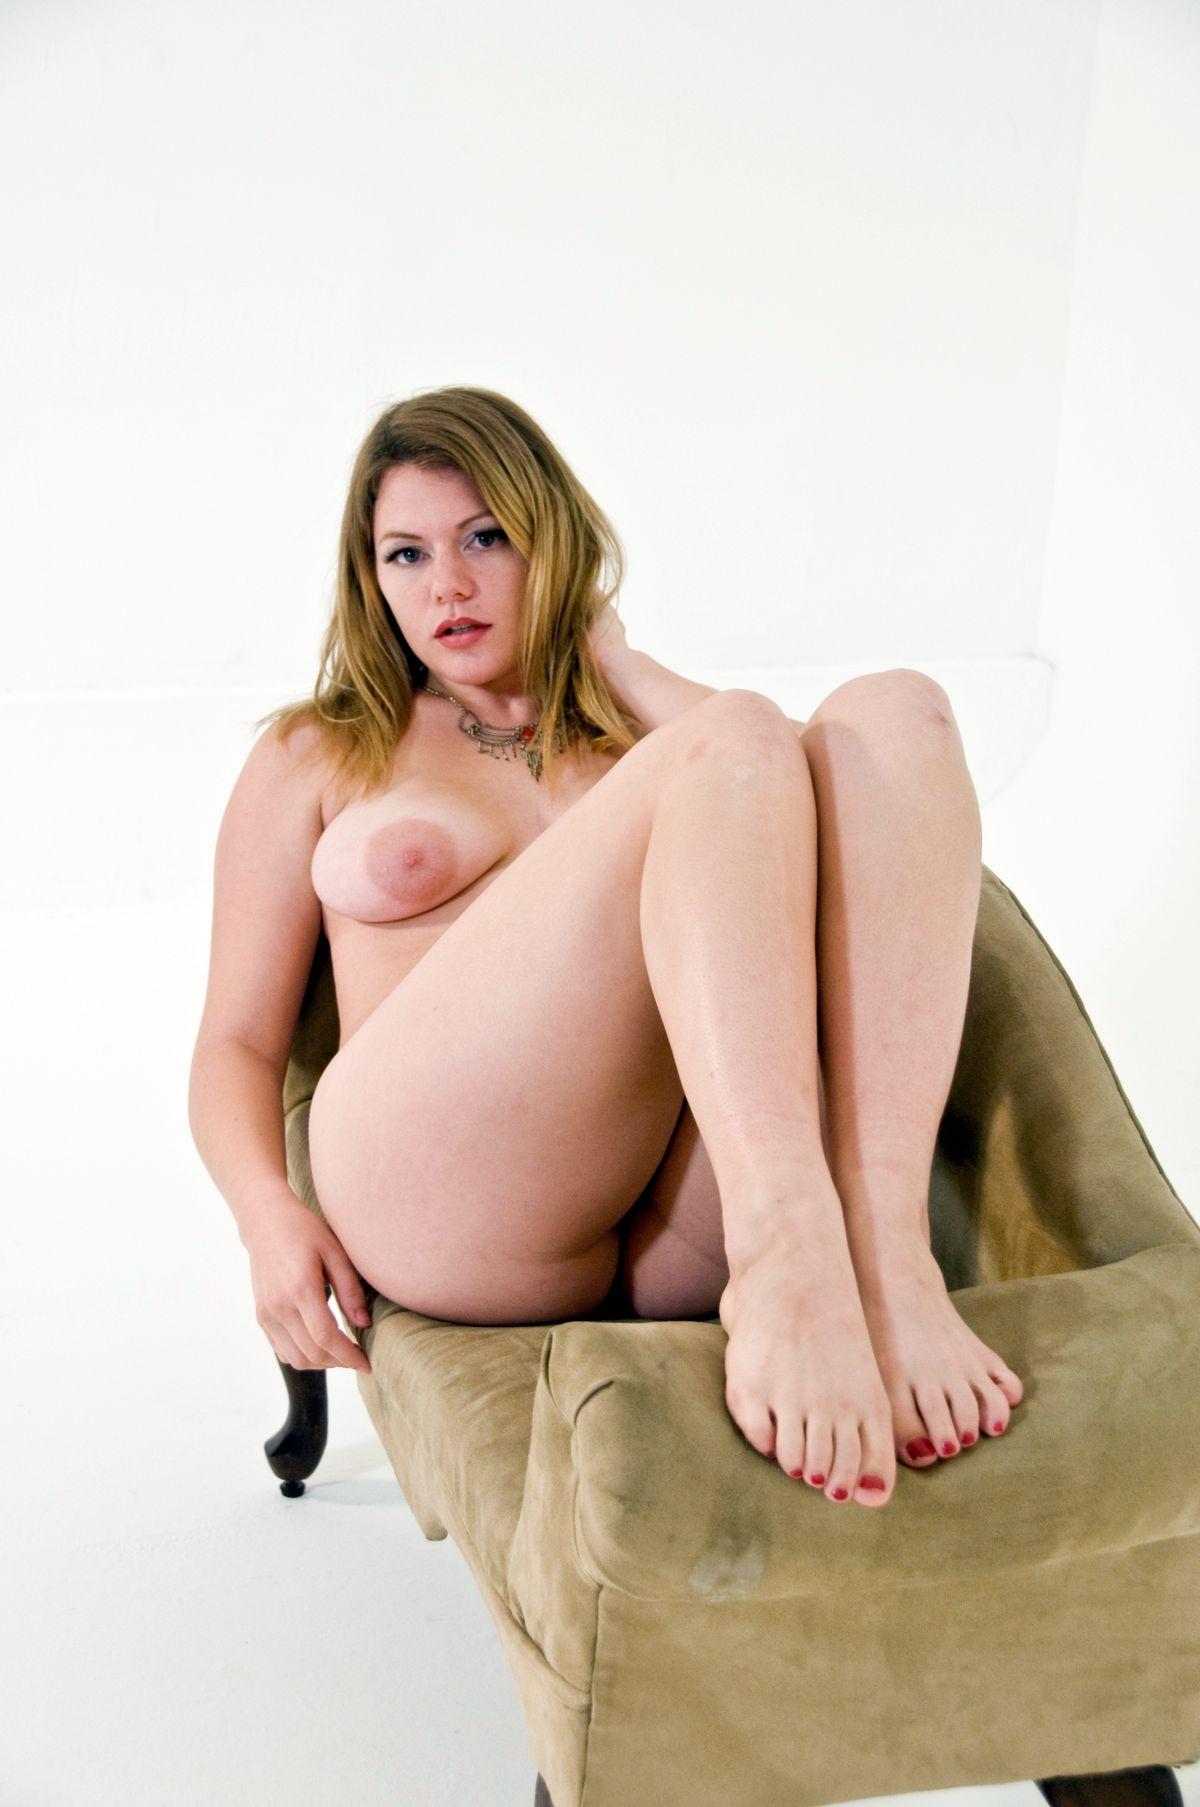 Сисястая, слегка пухленькая Ева. Порно слегка пухленькая.